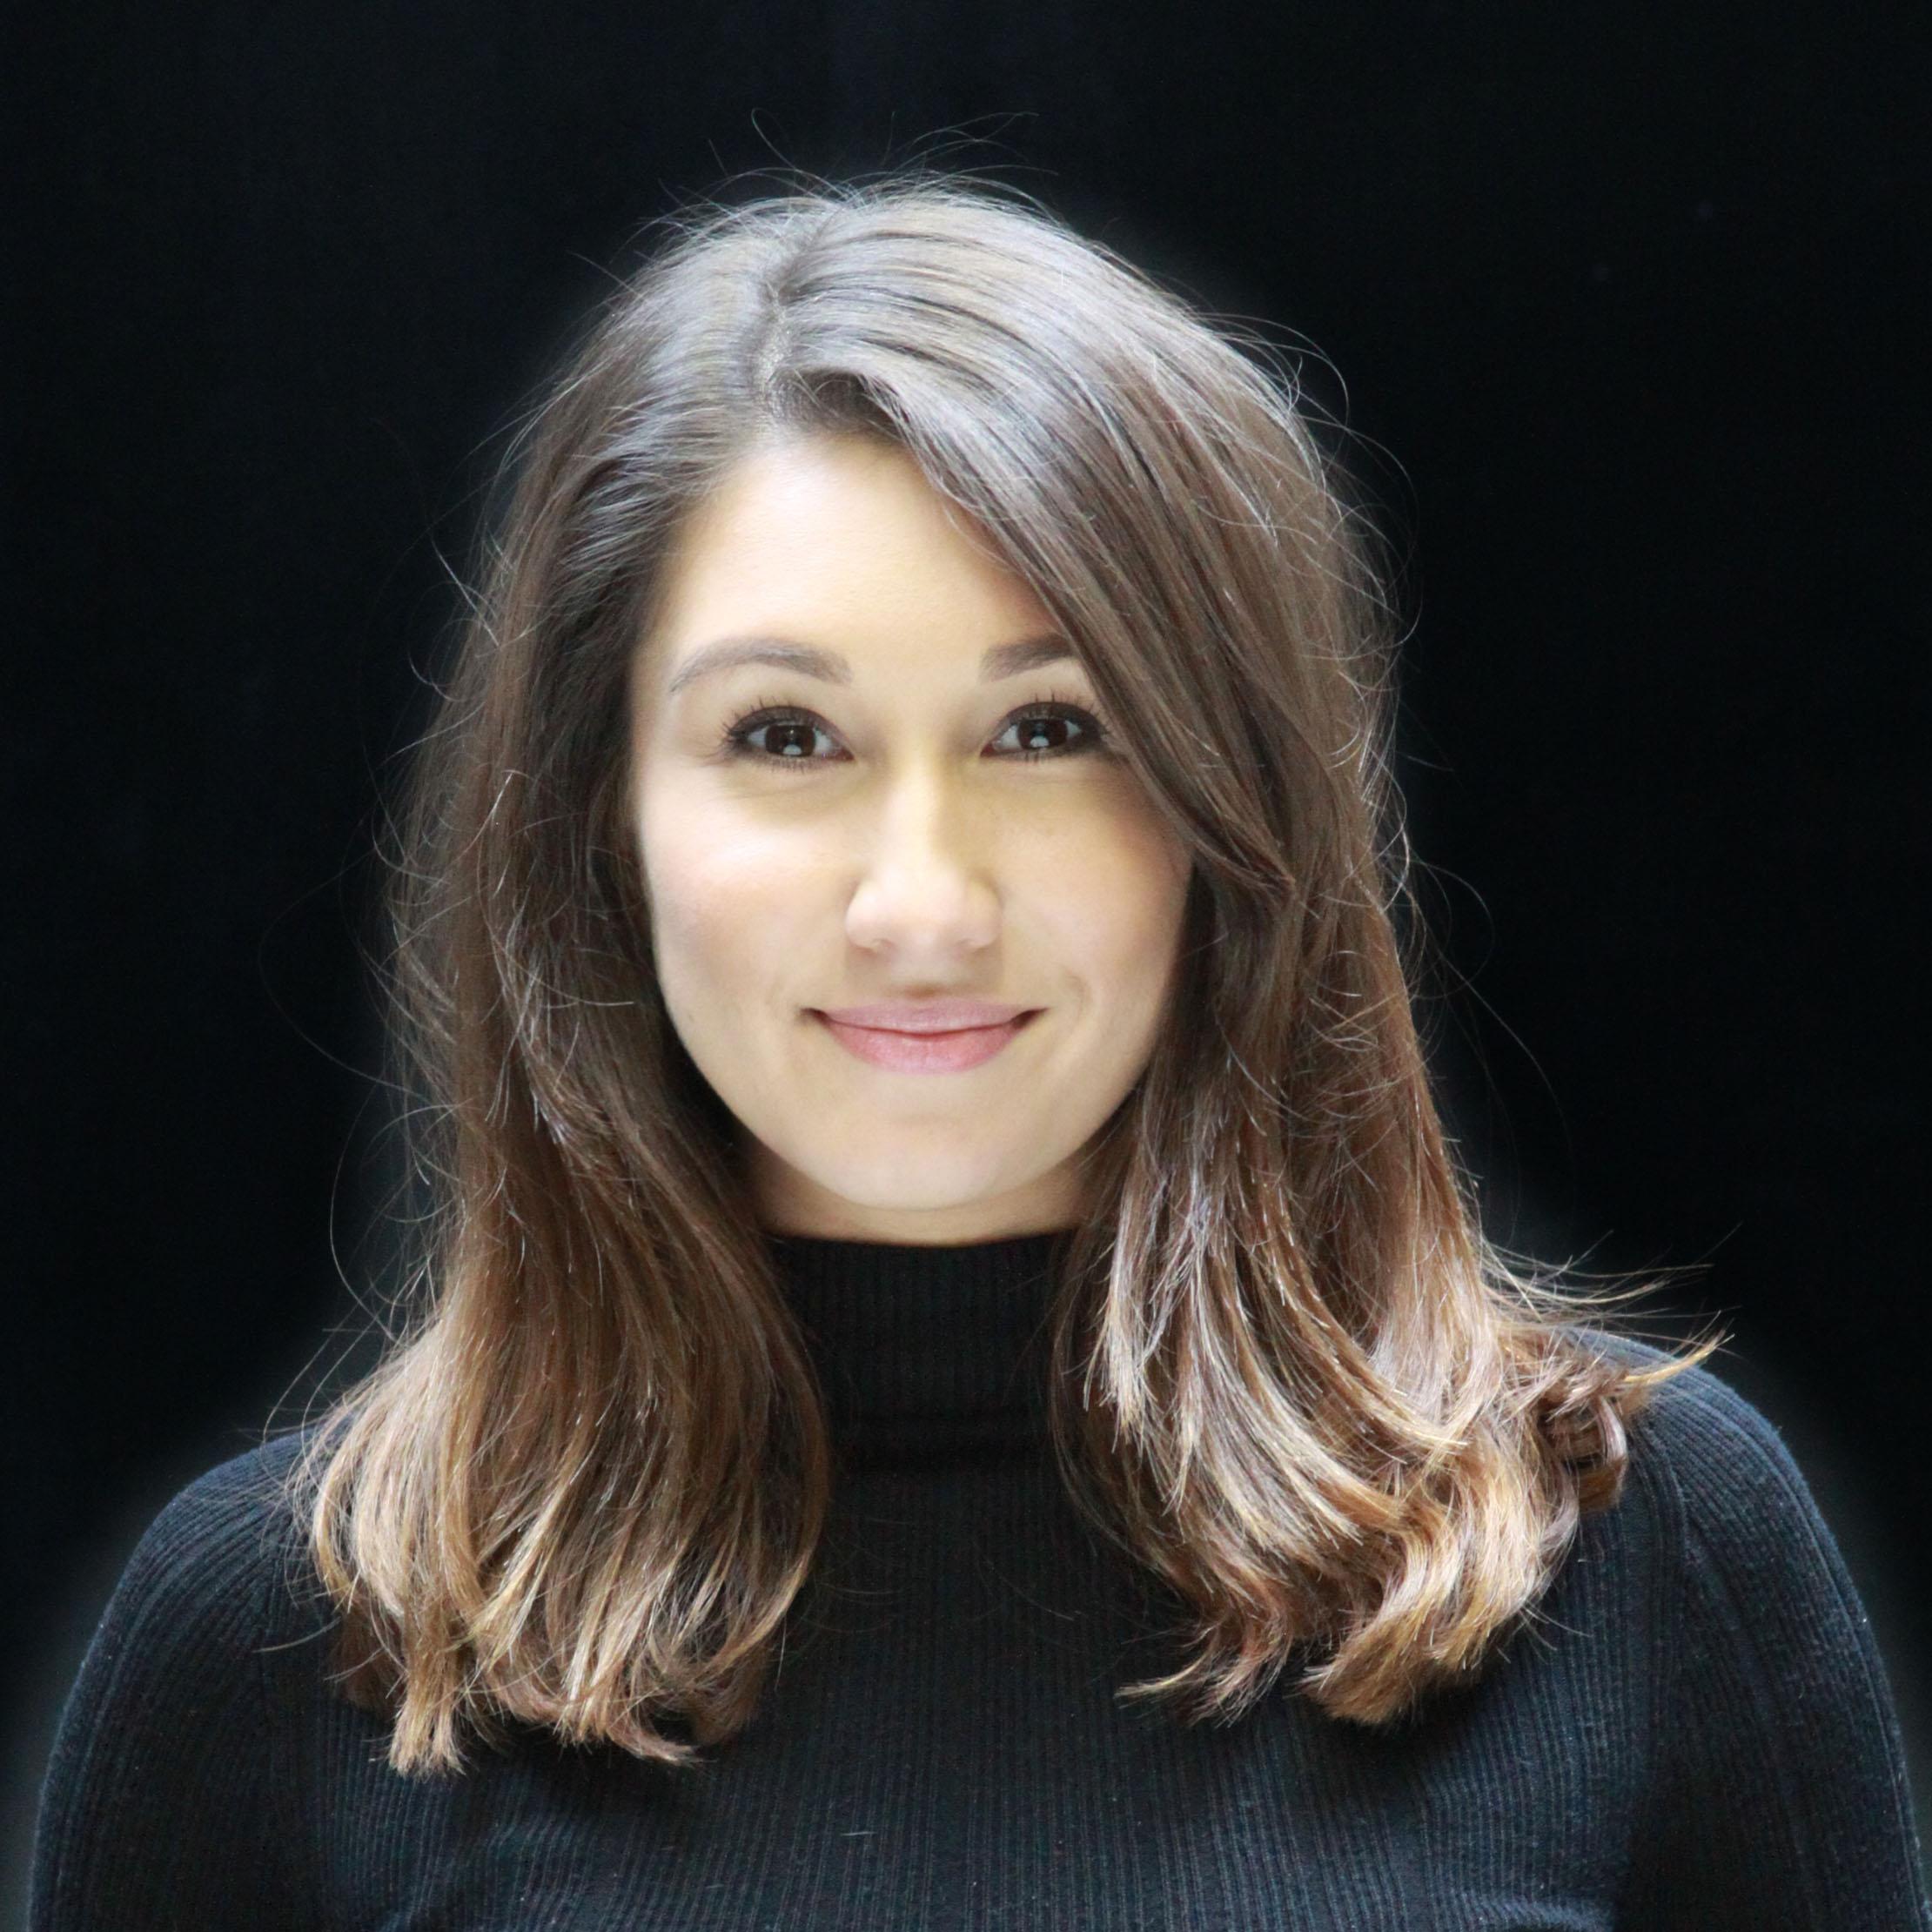 Daniella Perez Herrera